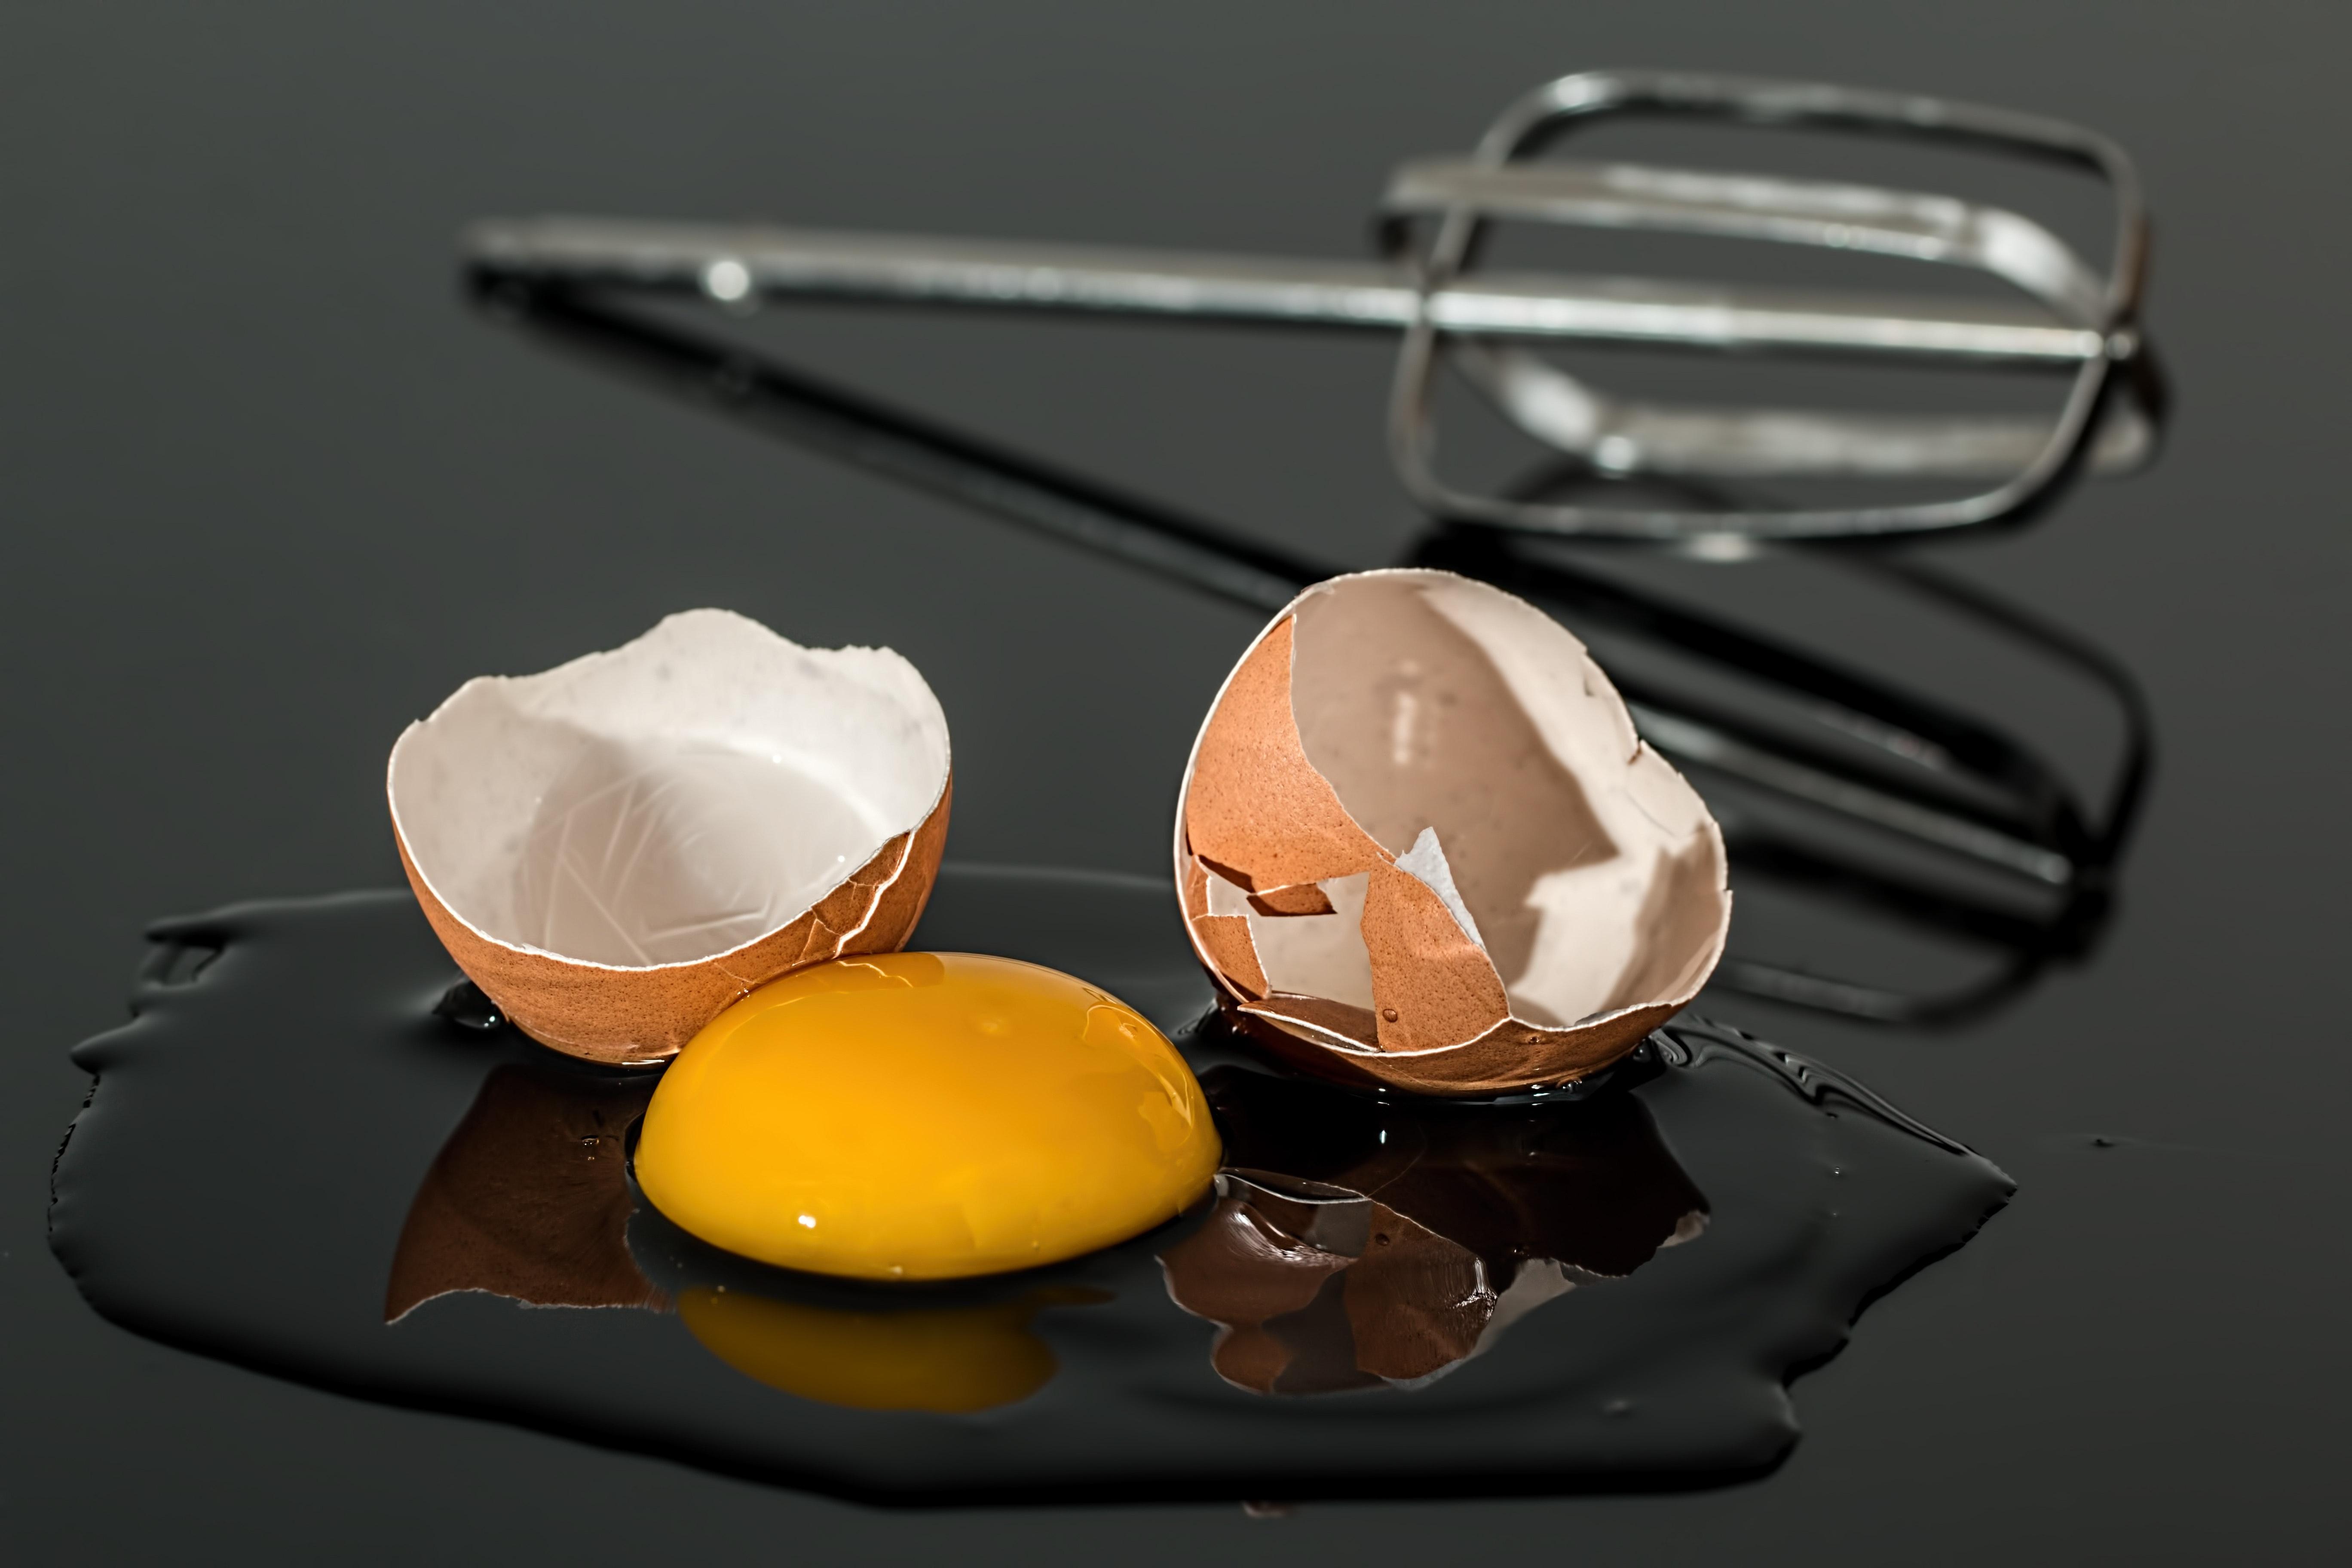 Egg yolk for vitamin d